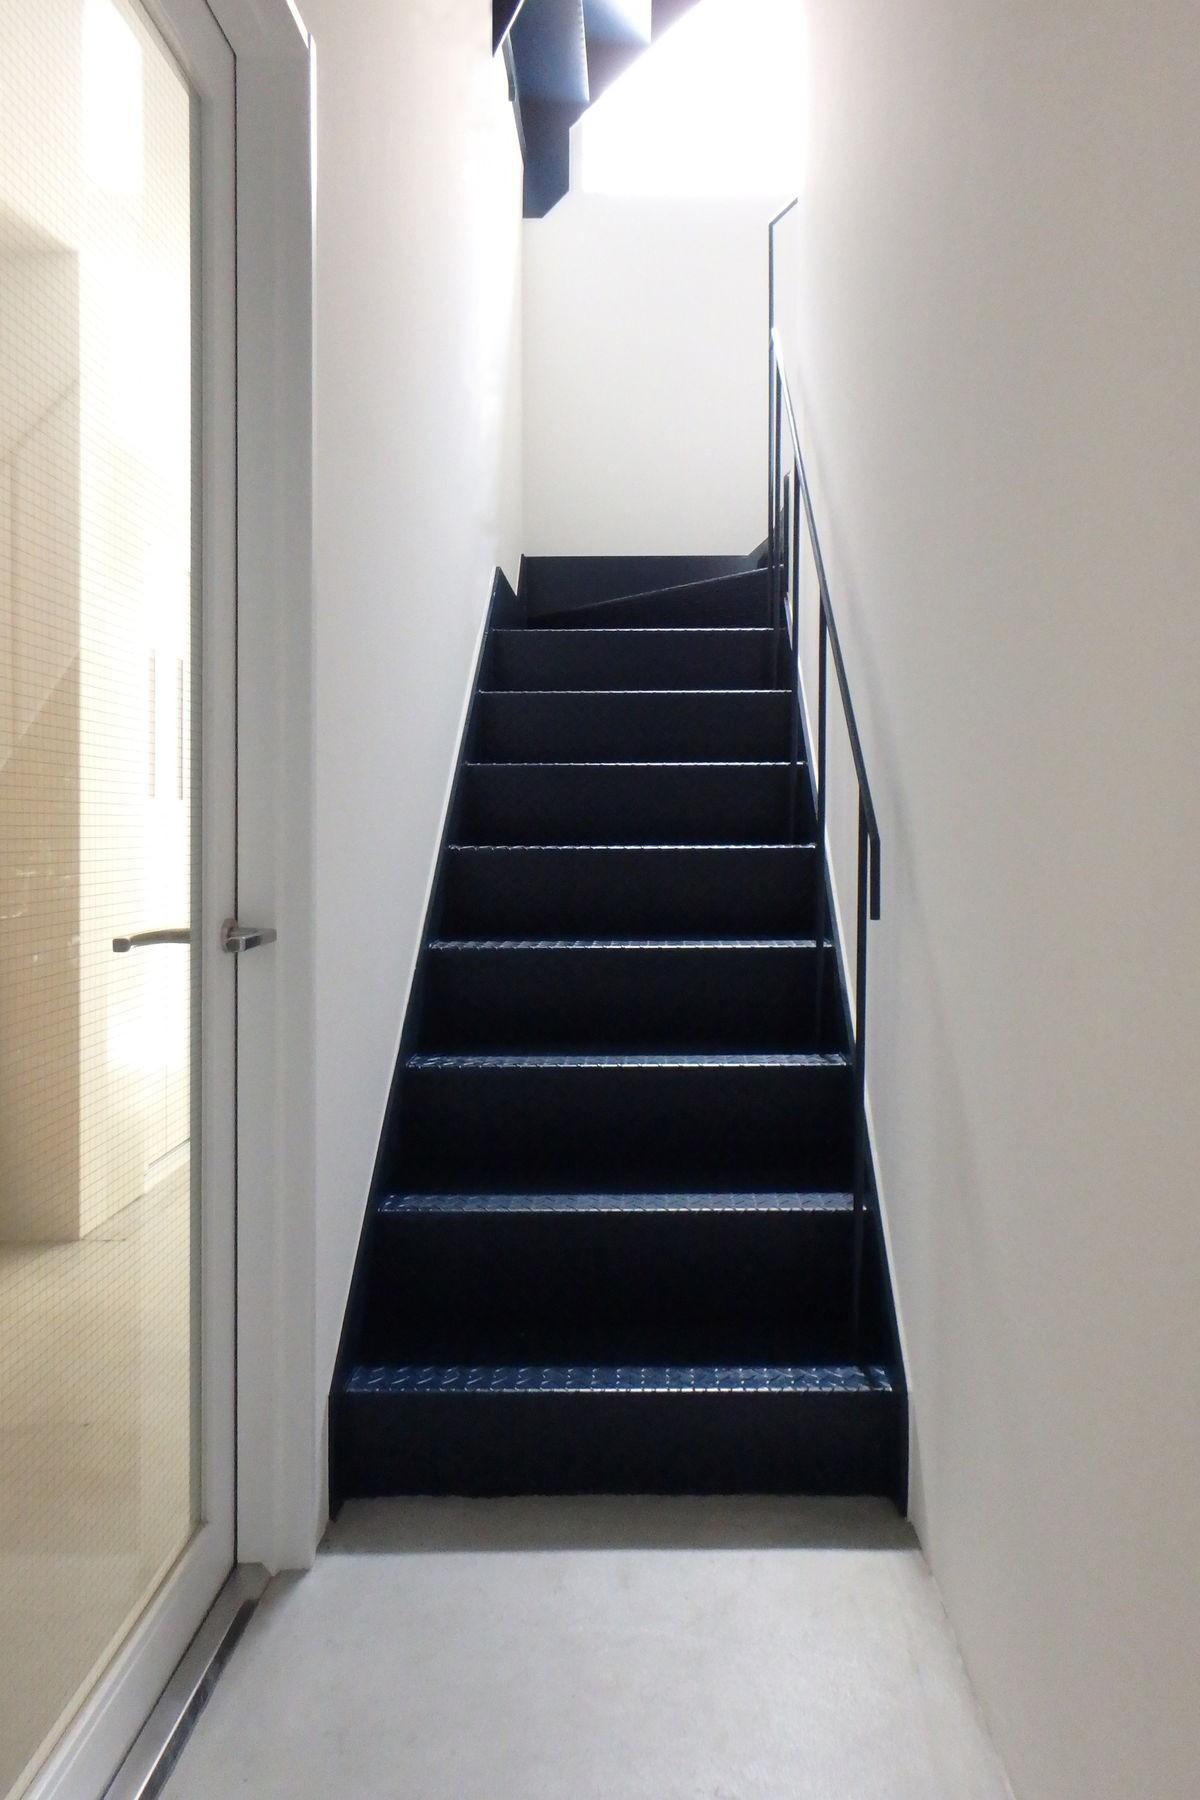 その他事例:1階階段(Kururi|倉庫・工場をコンバージョンしたゲストハウス・シェアハウス【奈良市】)